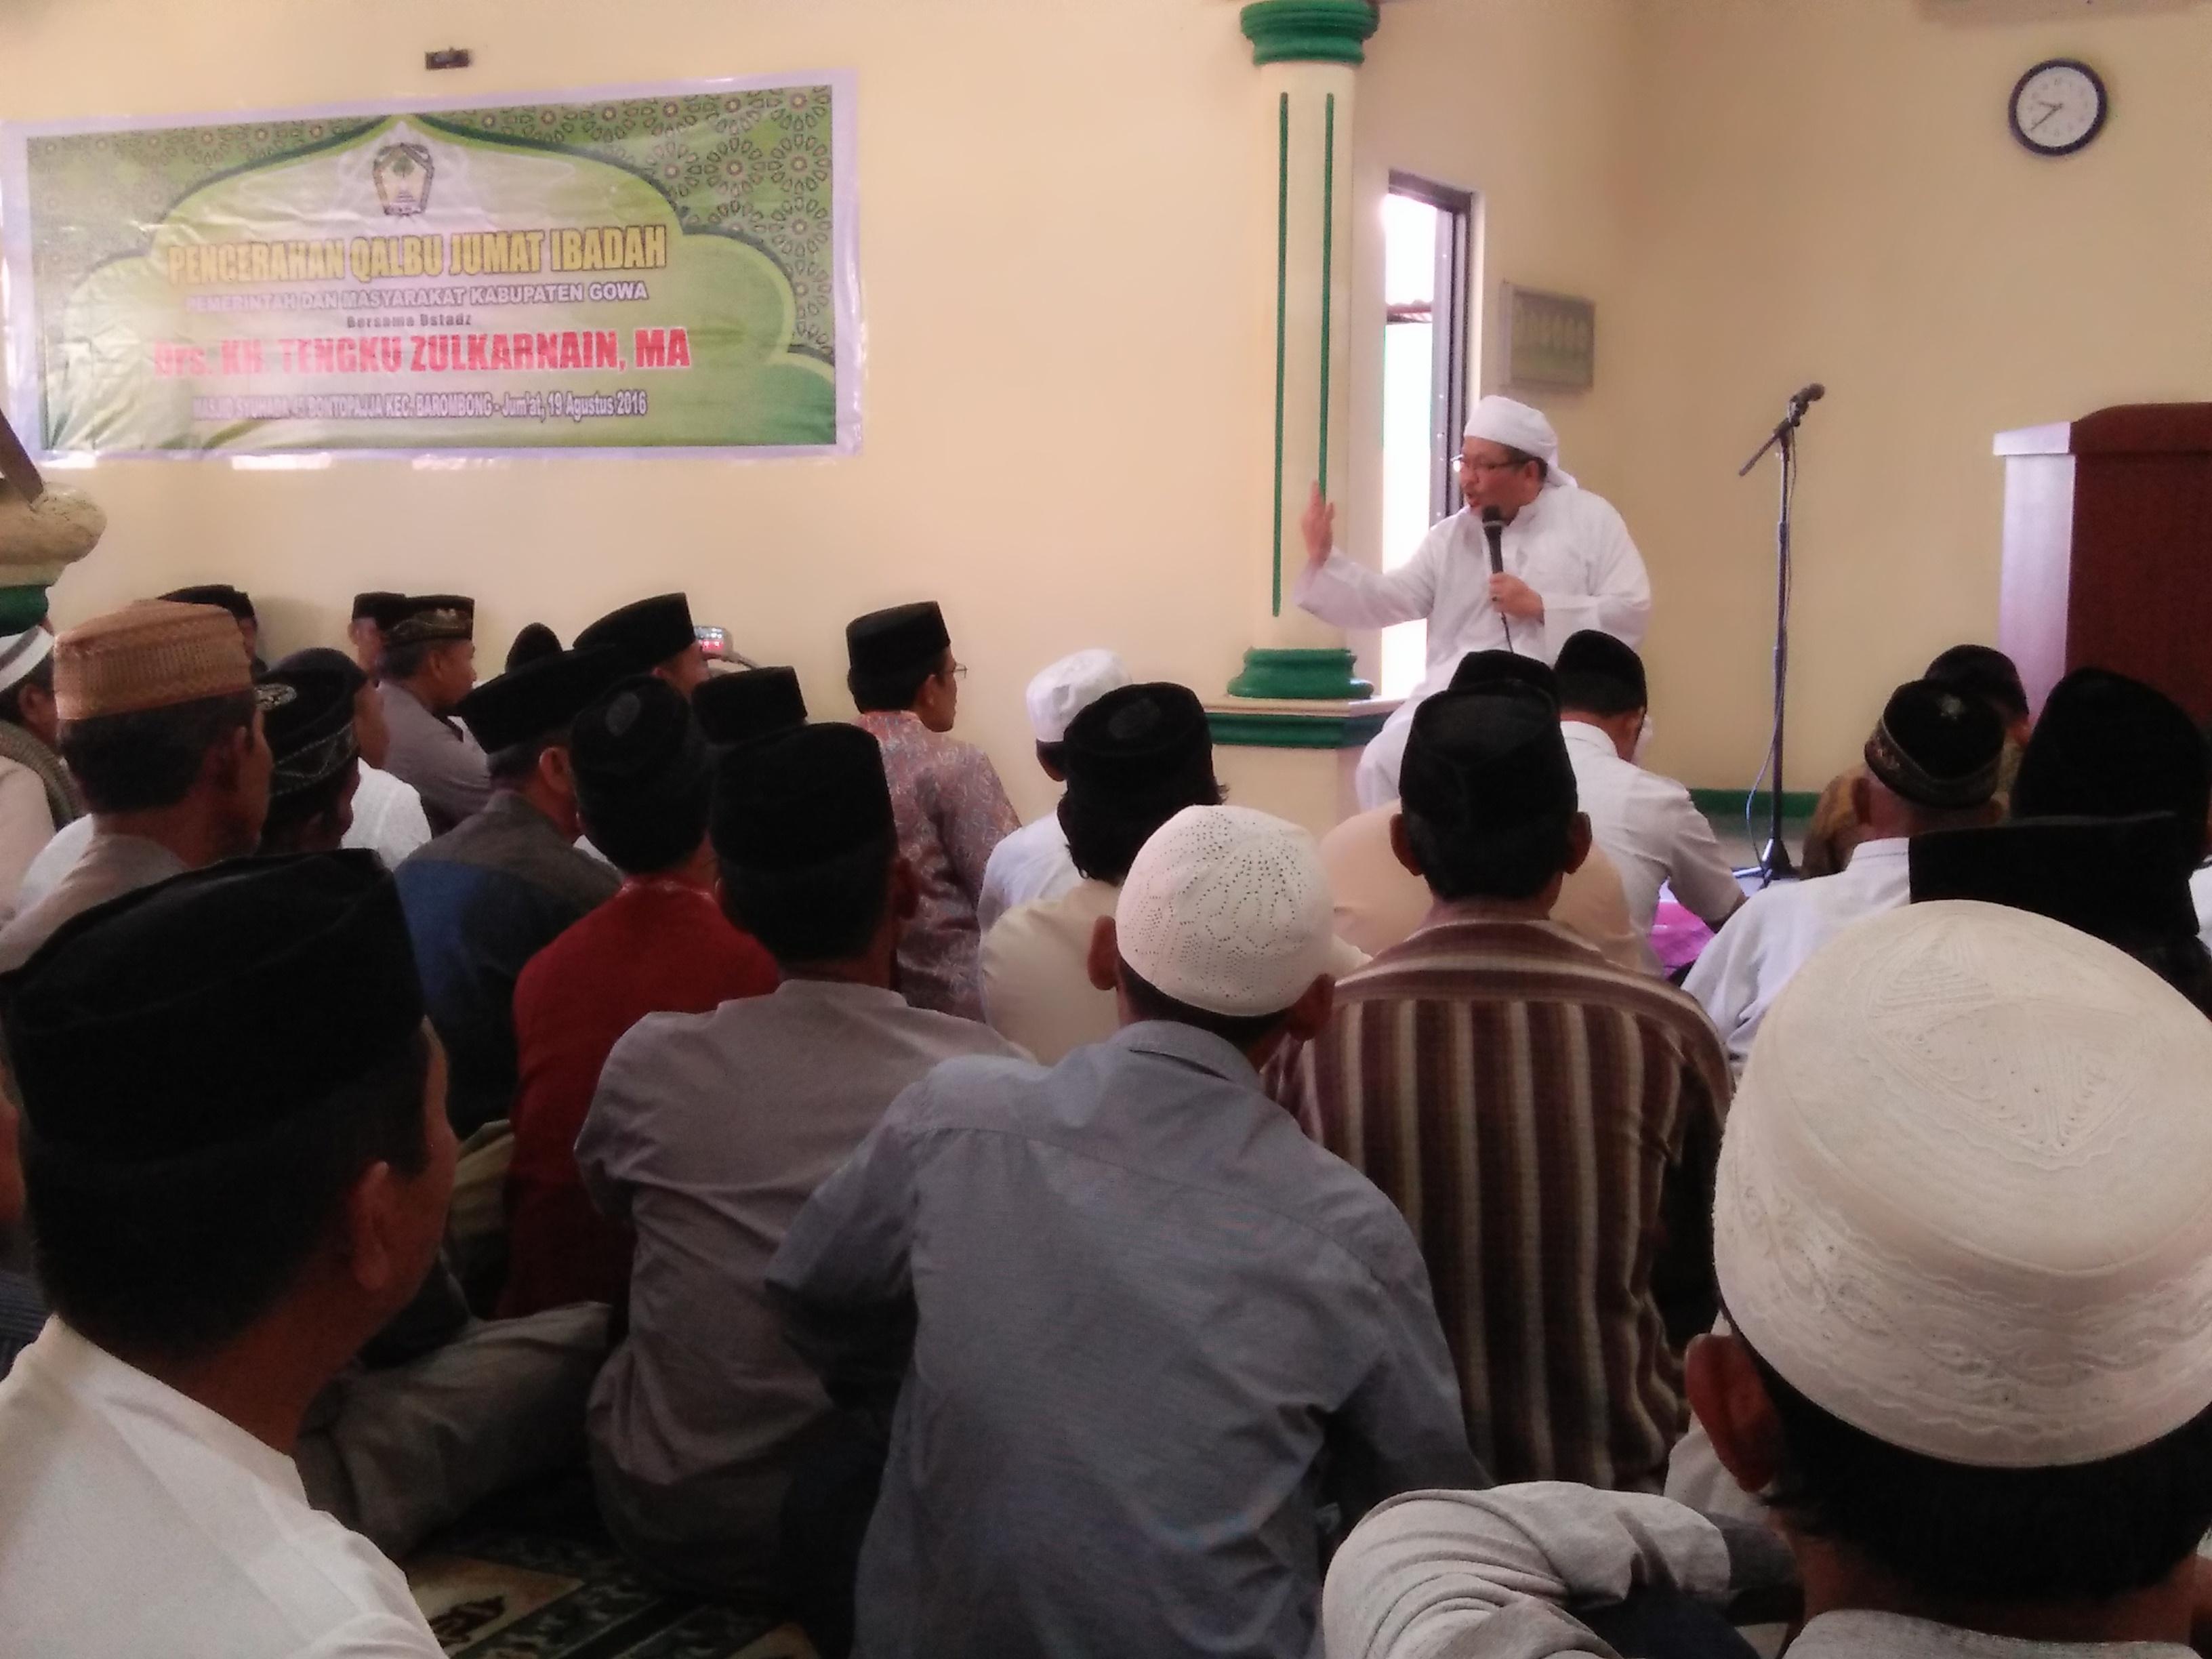 Tengku Zulkarnain Apresiasi Jum'at Ibadah di Gowa